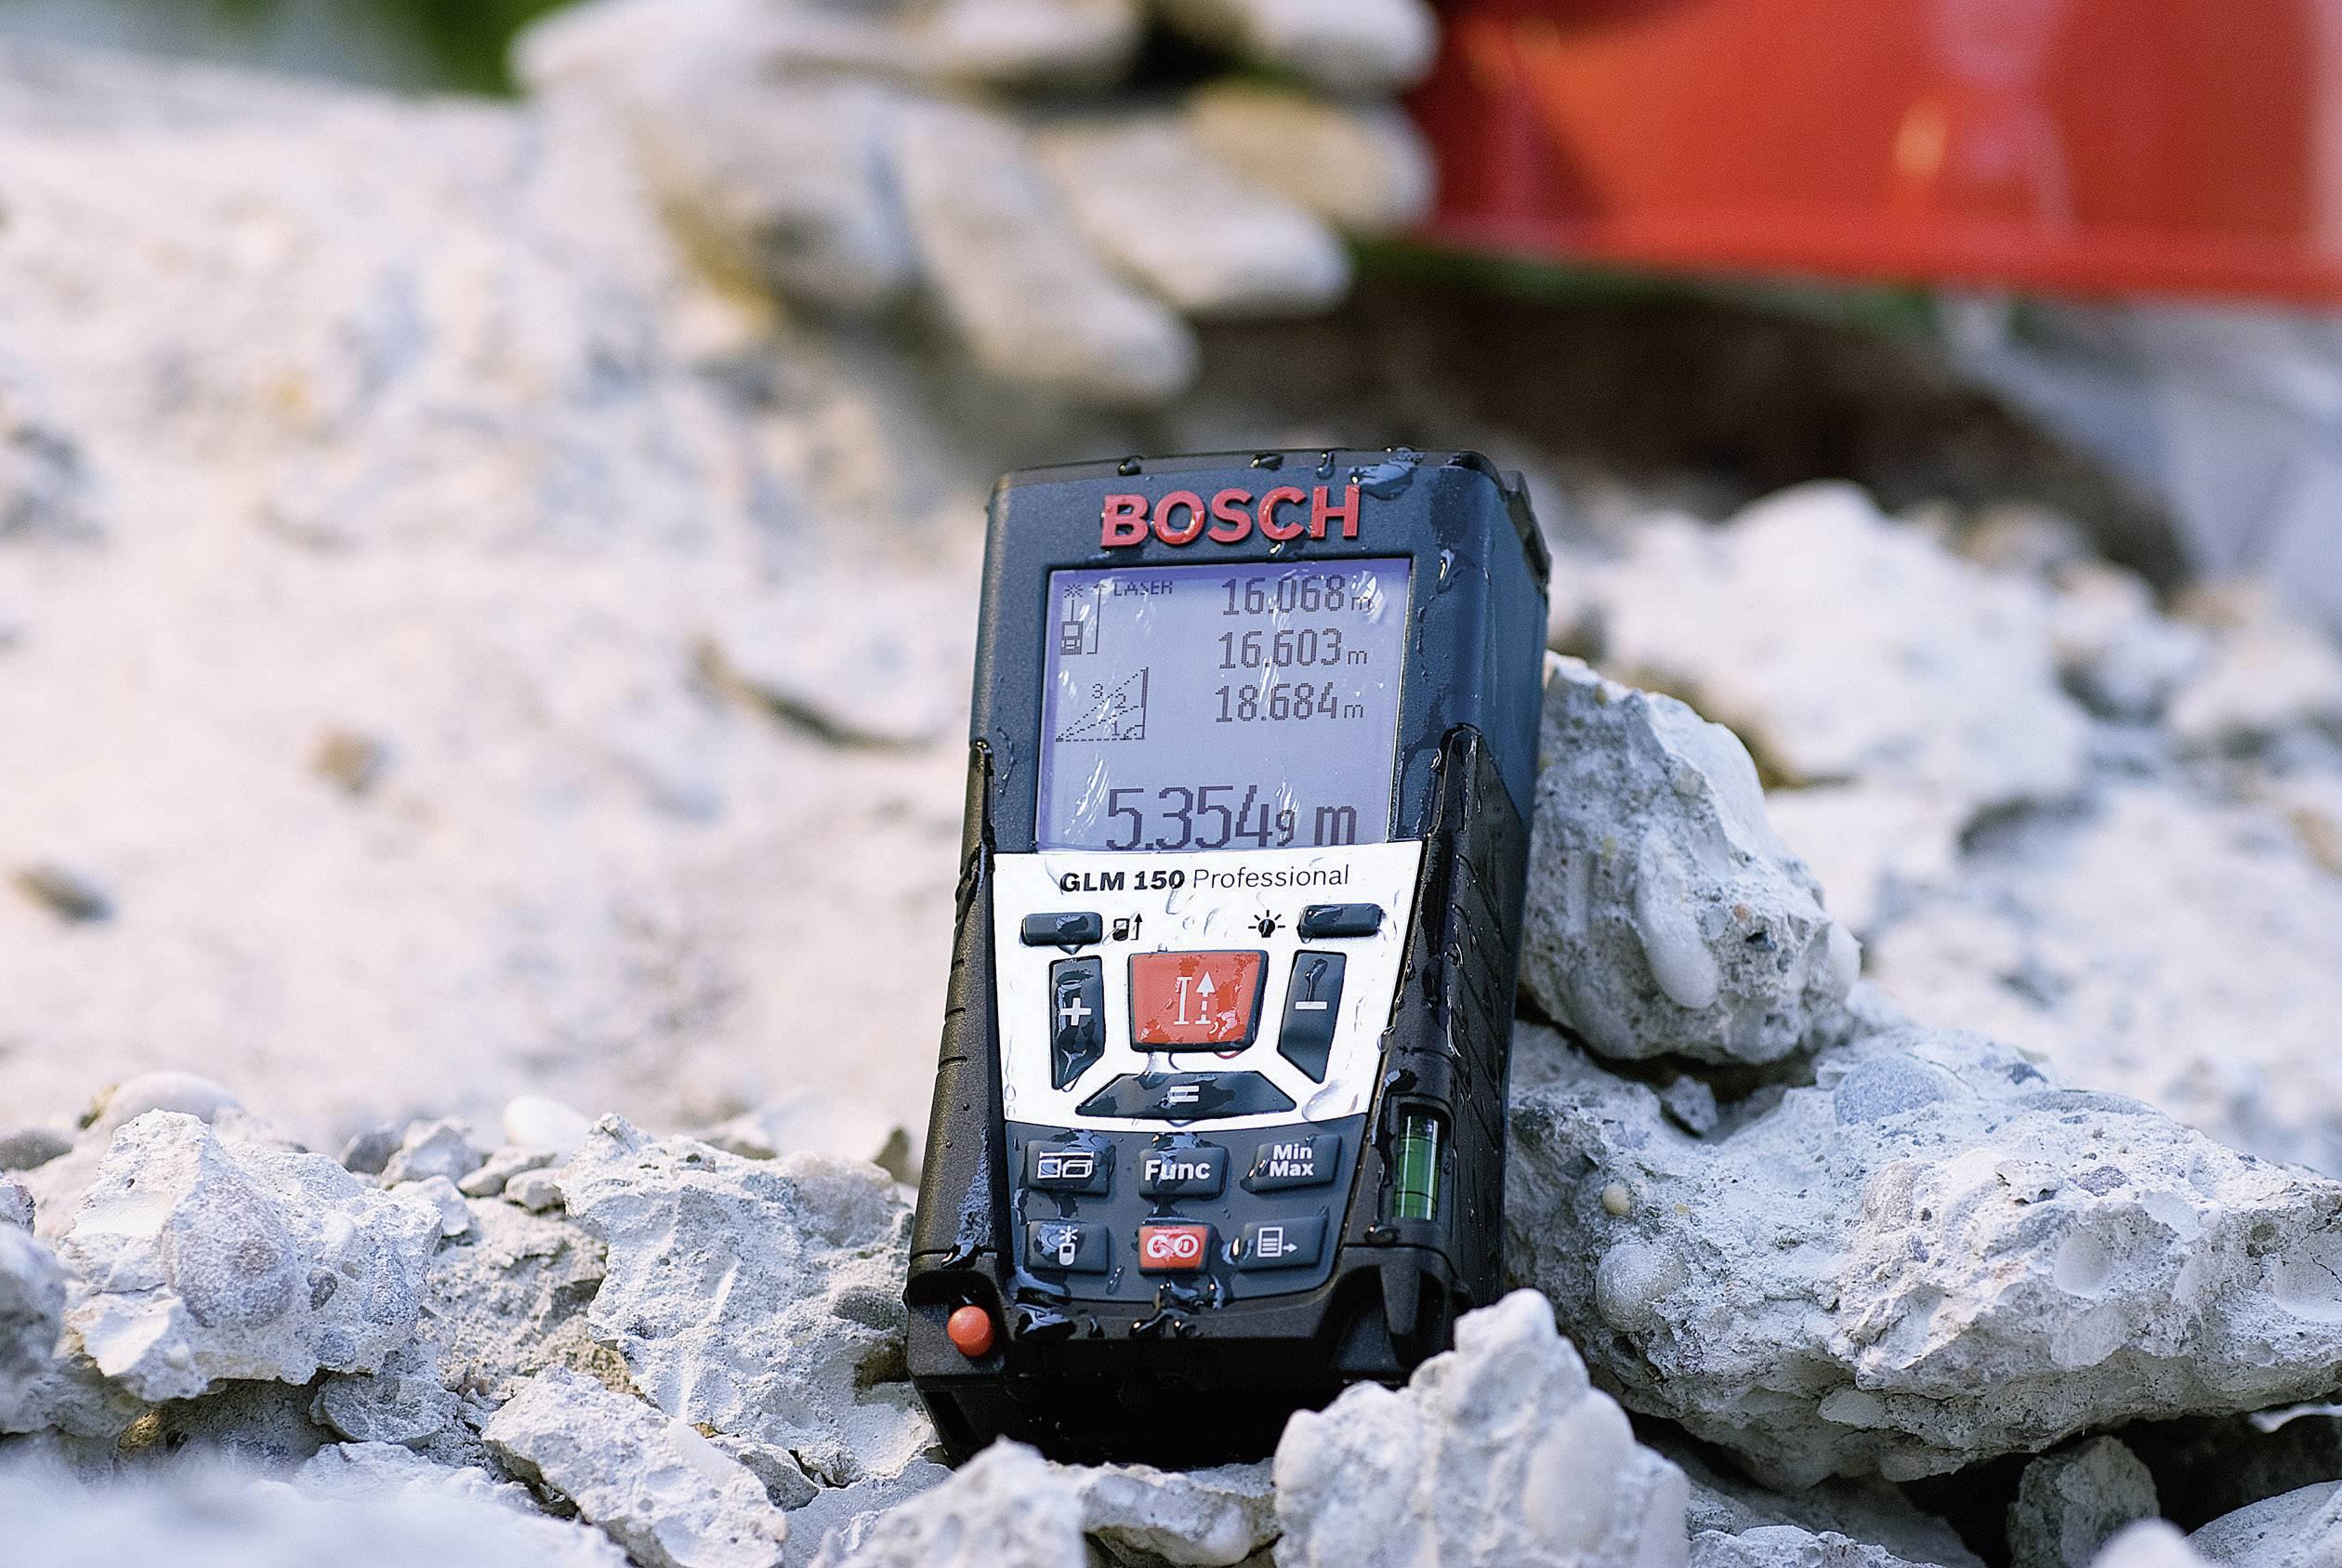 Laser Entfernungsmesser Bosch Glm 250 Vf : Bosch professional glm laser entfernungsmesser stativadapter